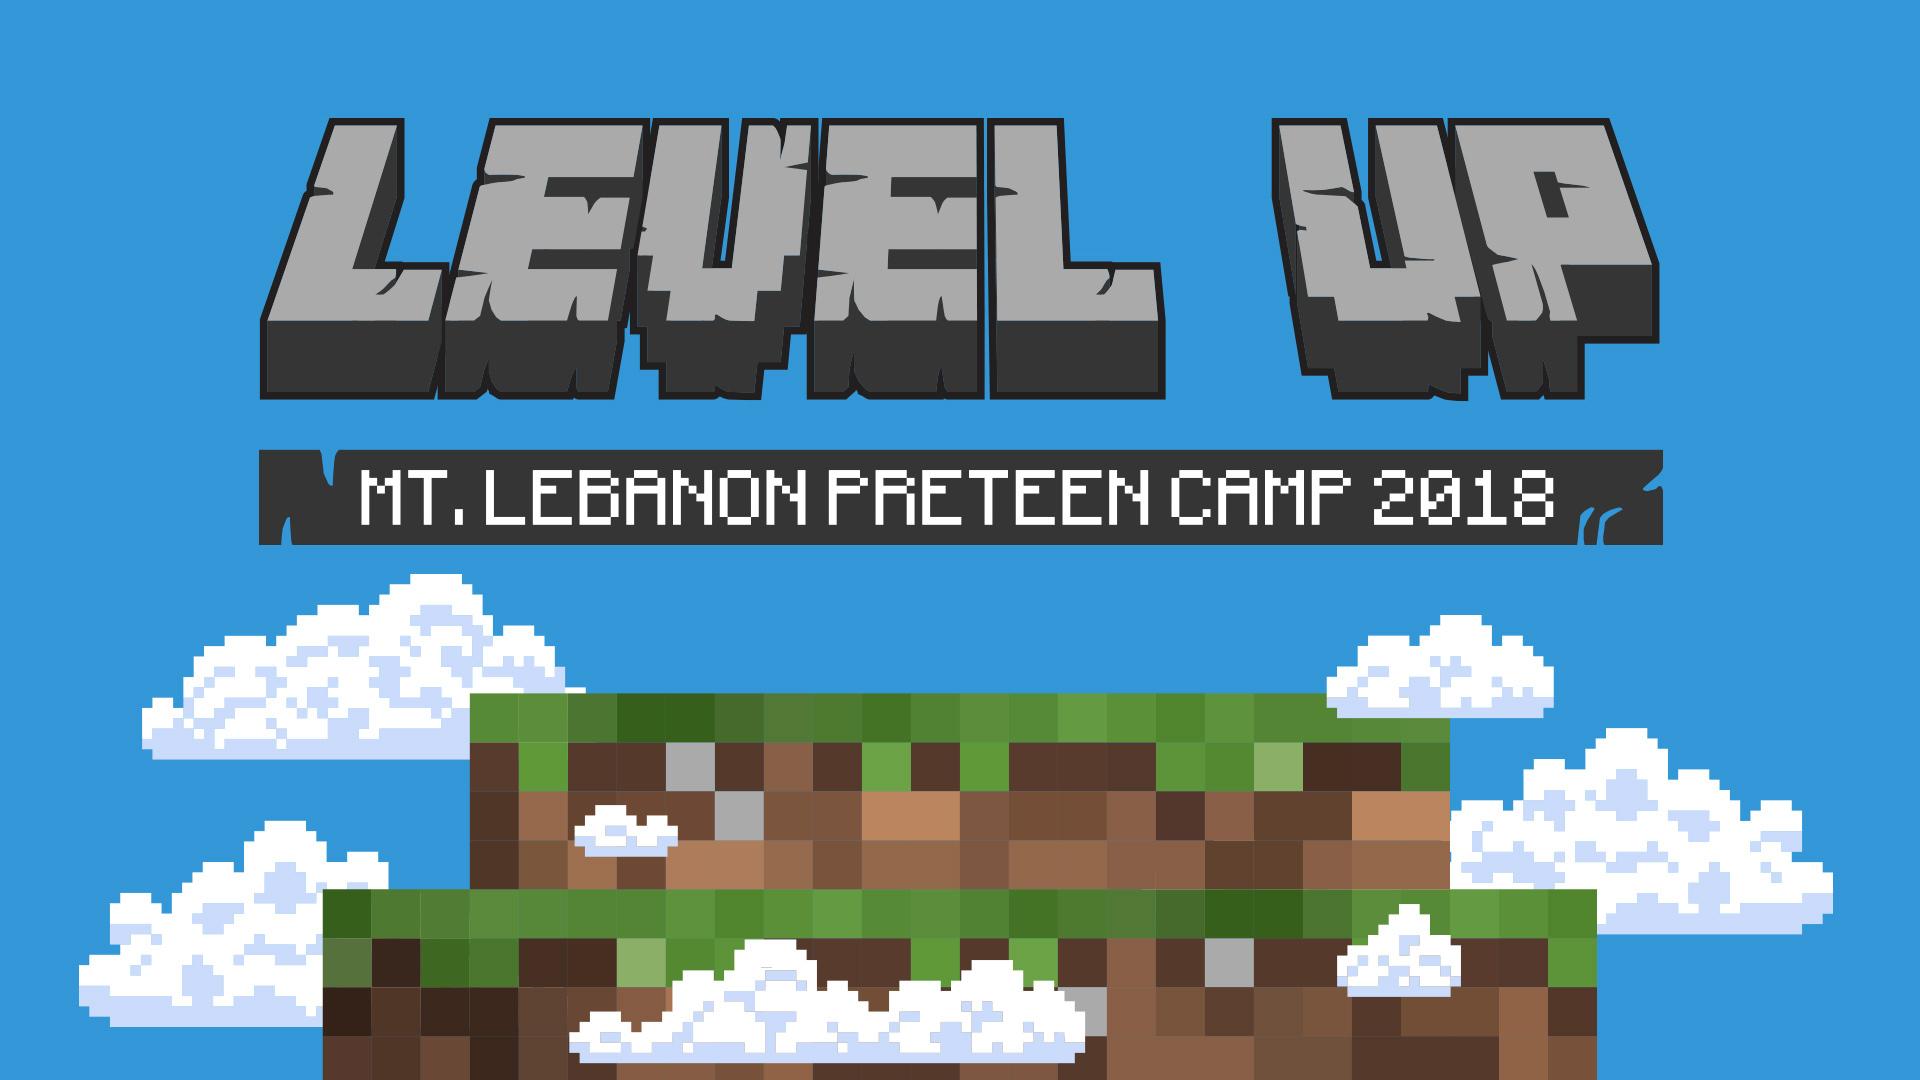 Level up title slide